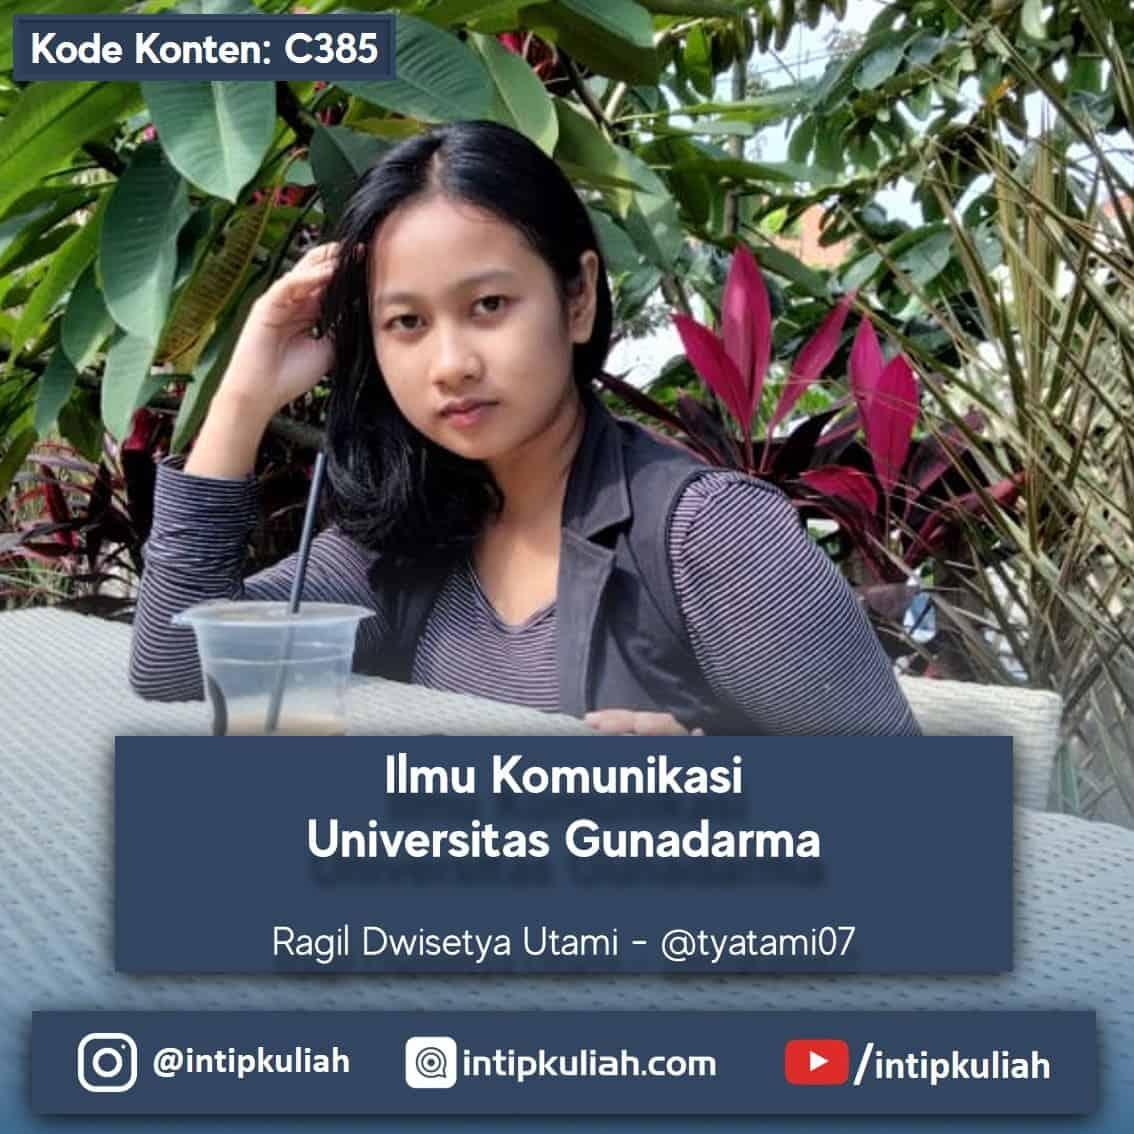 Ilmu Komunikasi Universitas Gunadarma (Ragil)